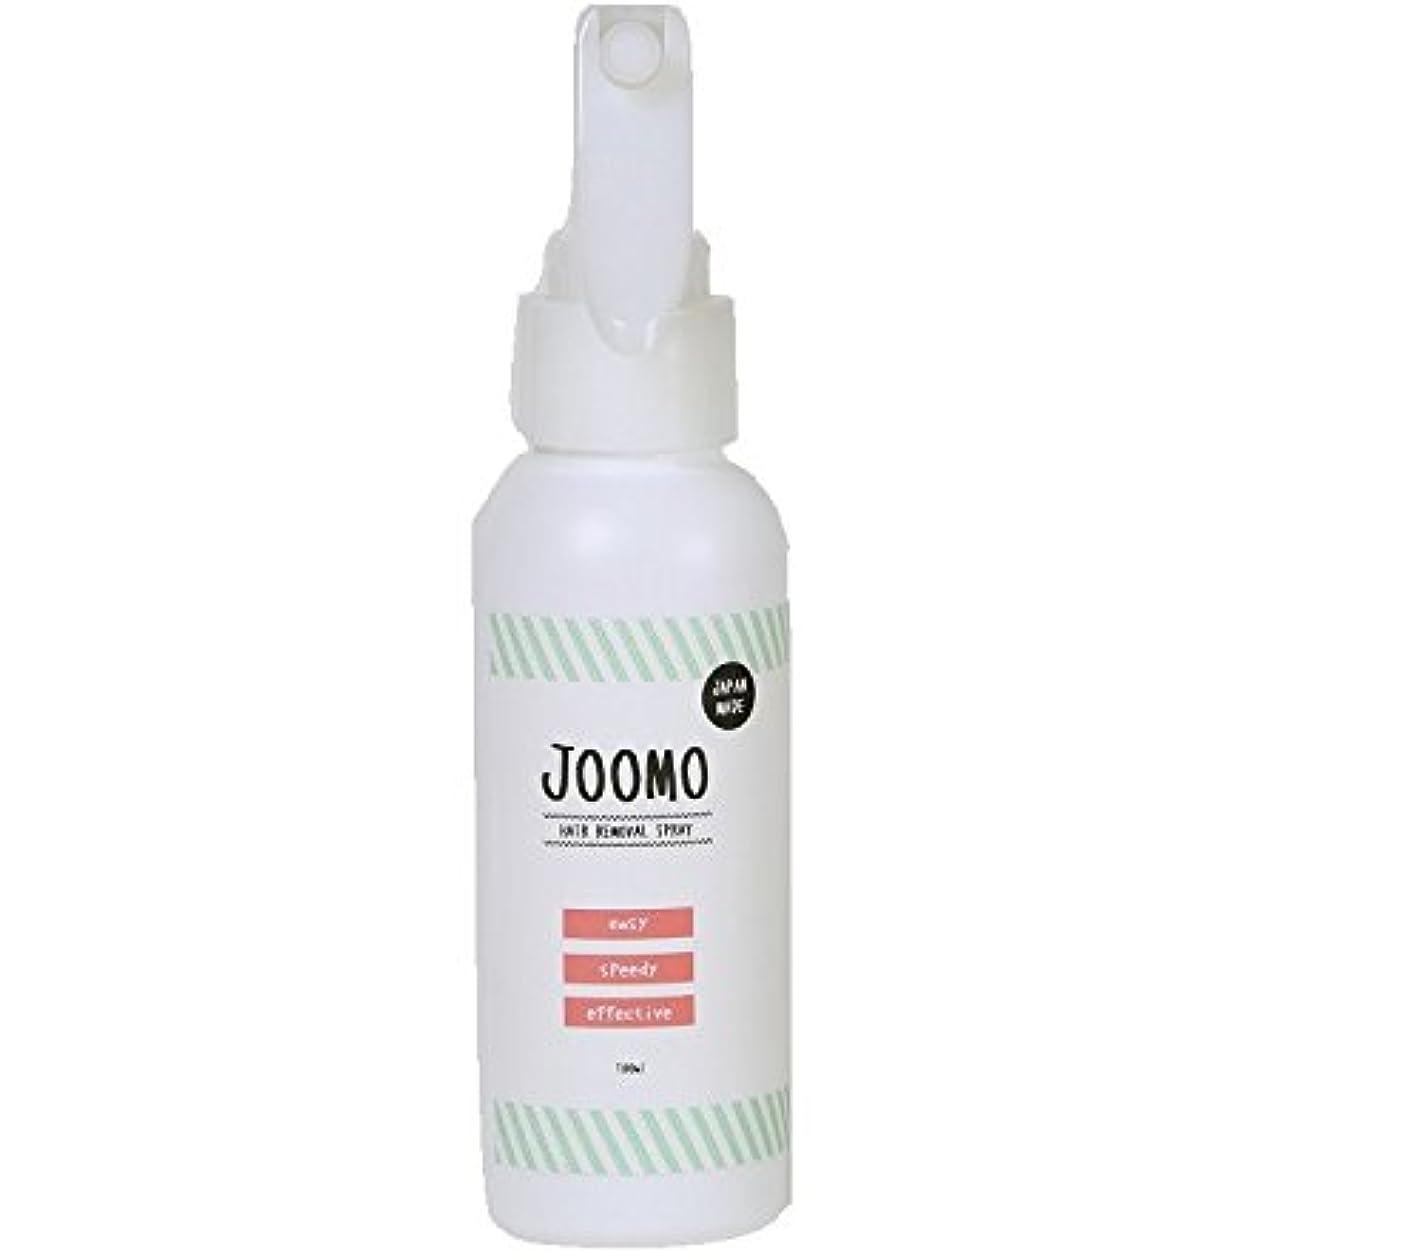 破産恐ろしい化学さずかりファミリー JOOMO(ジョーモ) 除毛スプレー 【公式】医薬部外品 100ml